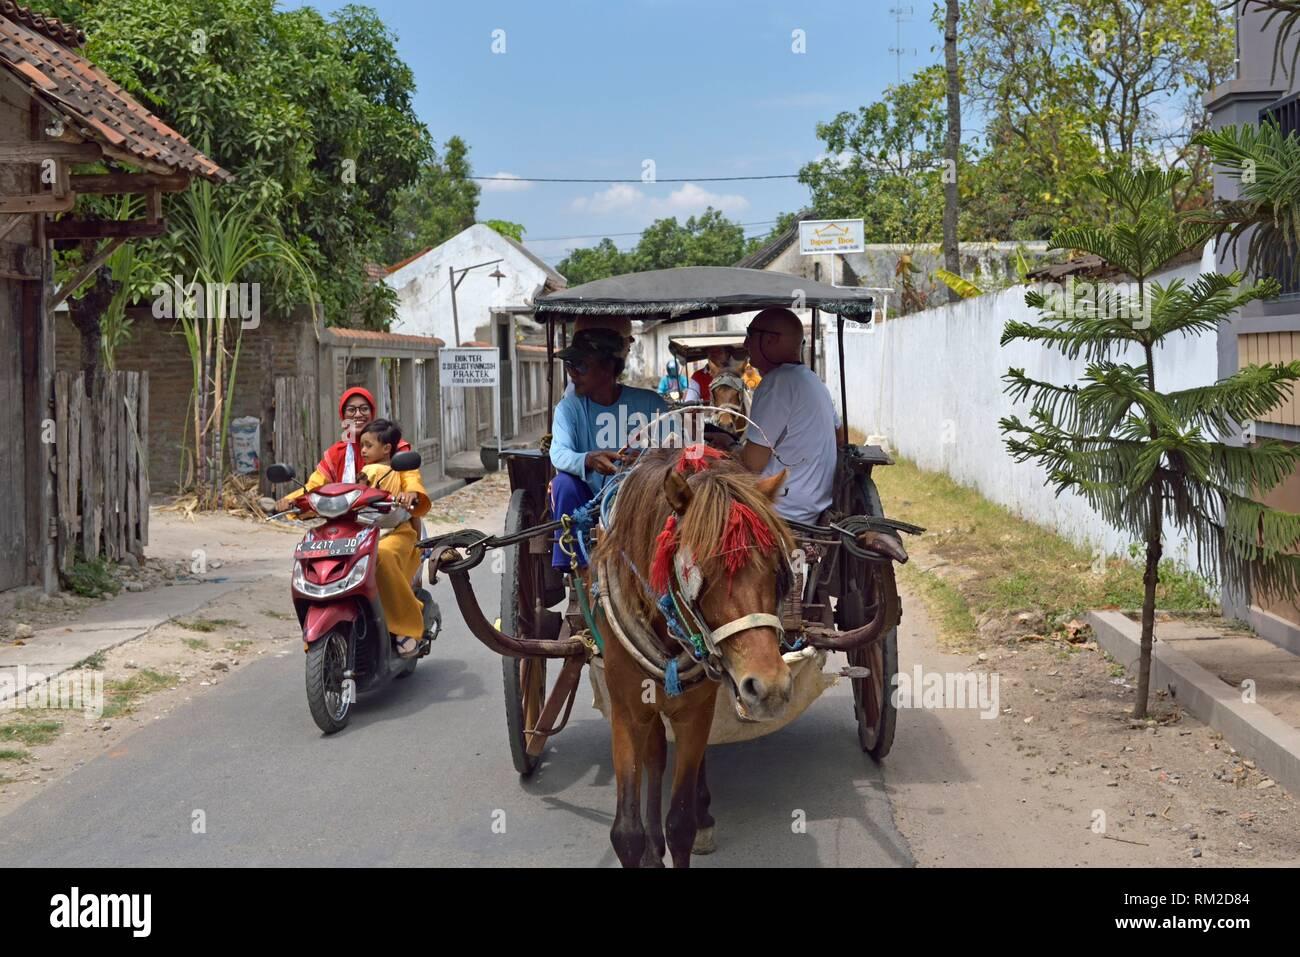 ''Okar'' équitation, chariot, un moyen de transport indonésienne typique, Lasem, l'île de Java, en Indonésie, en Asie du sud-est. Photo Stock